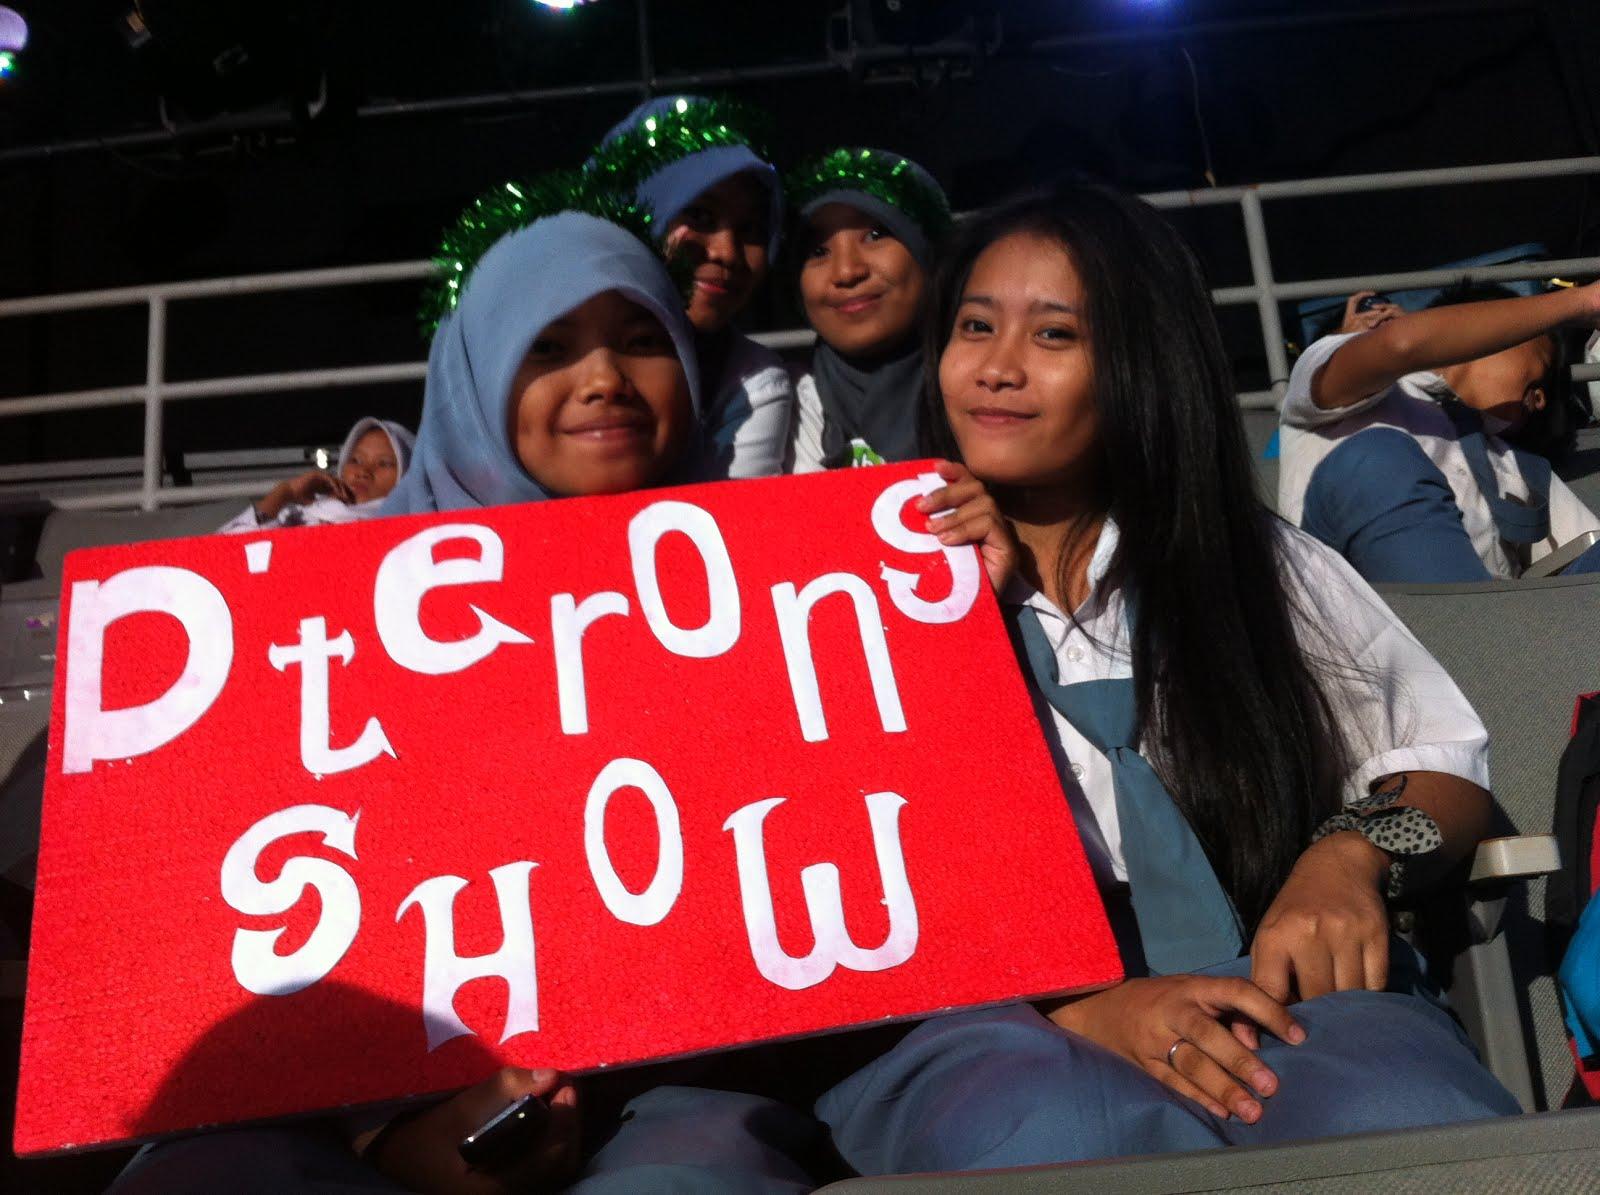 d'Terong Show